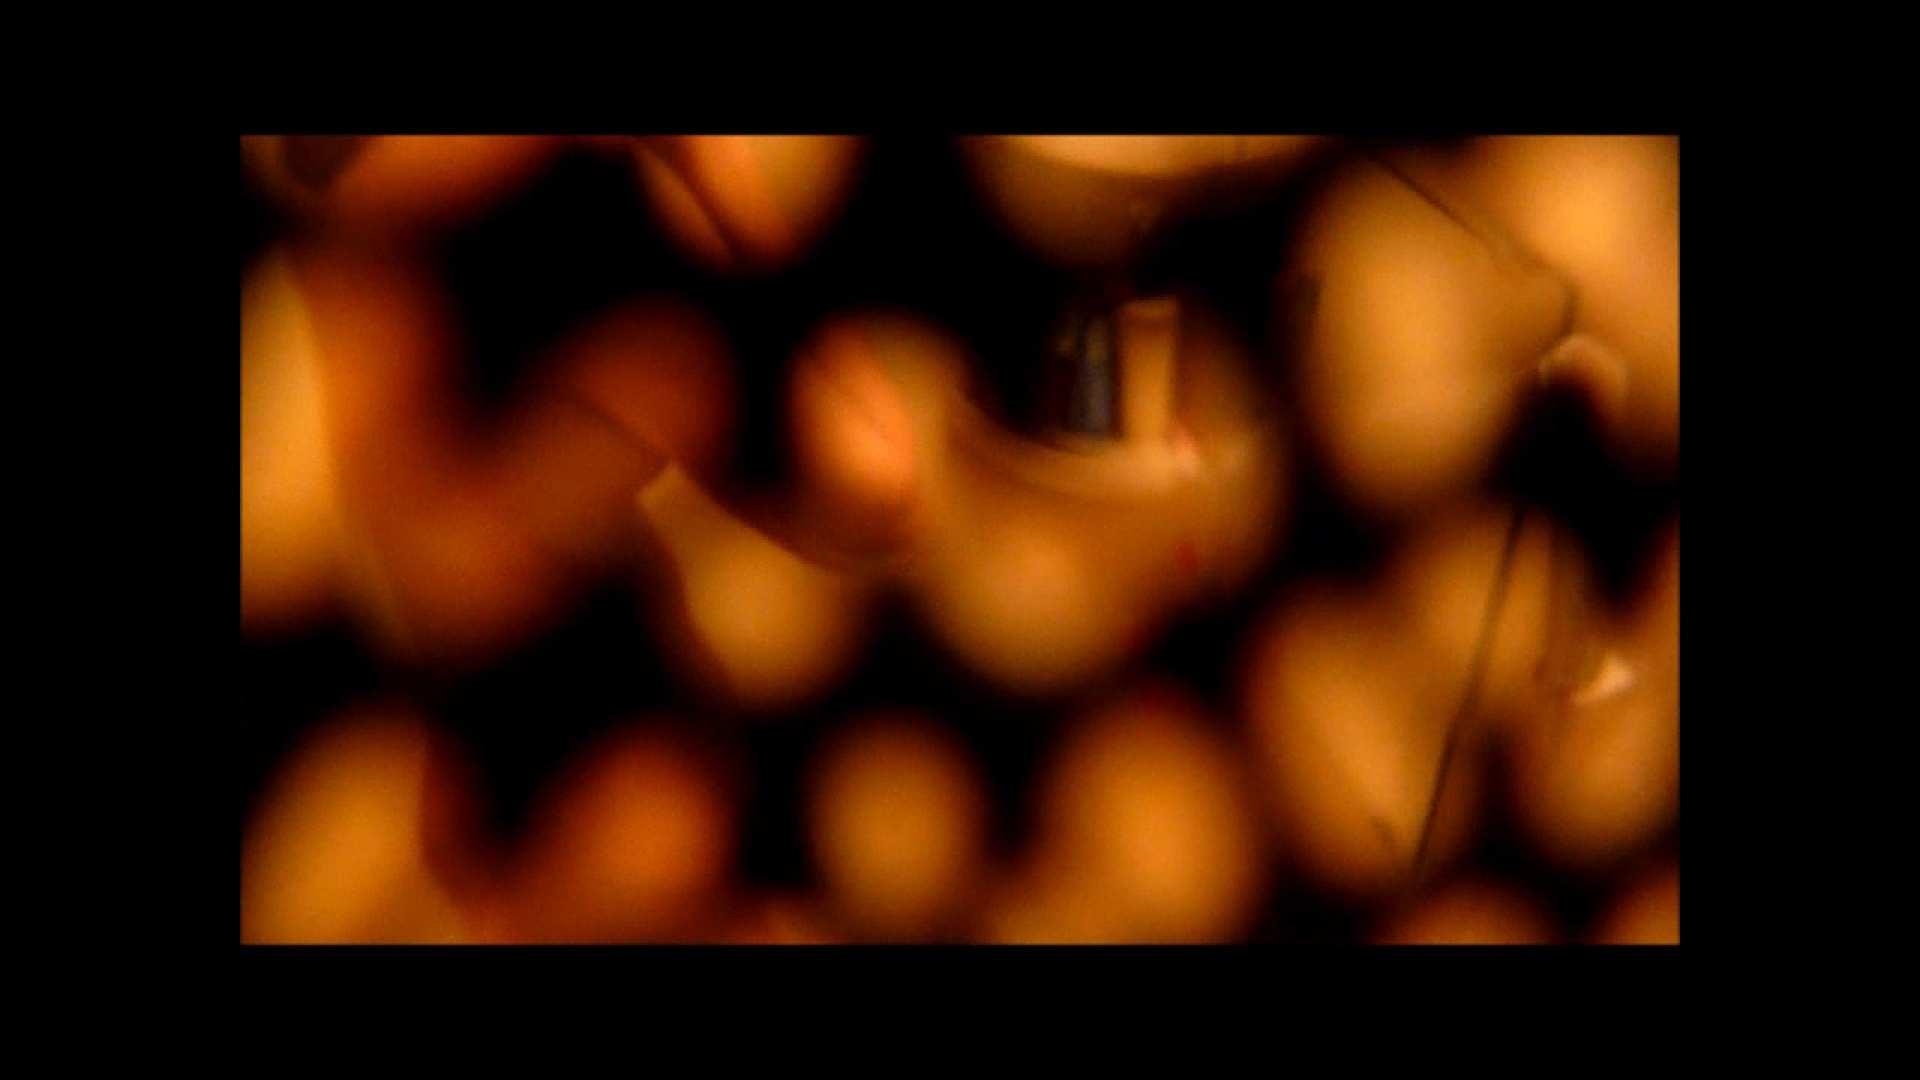 【02】ベランダに侵入して張り込みを始めて・・・やっと結果が出ました。 家宅侵入 | 0  82画像 17